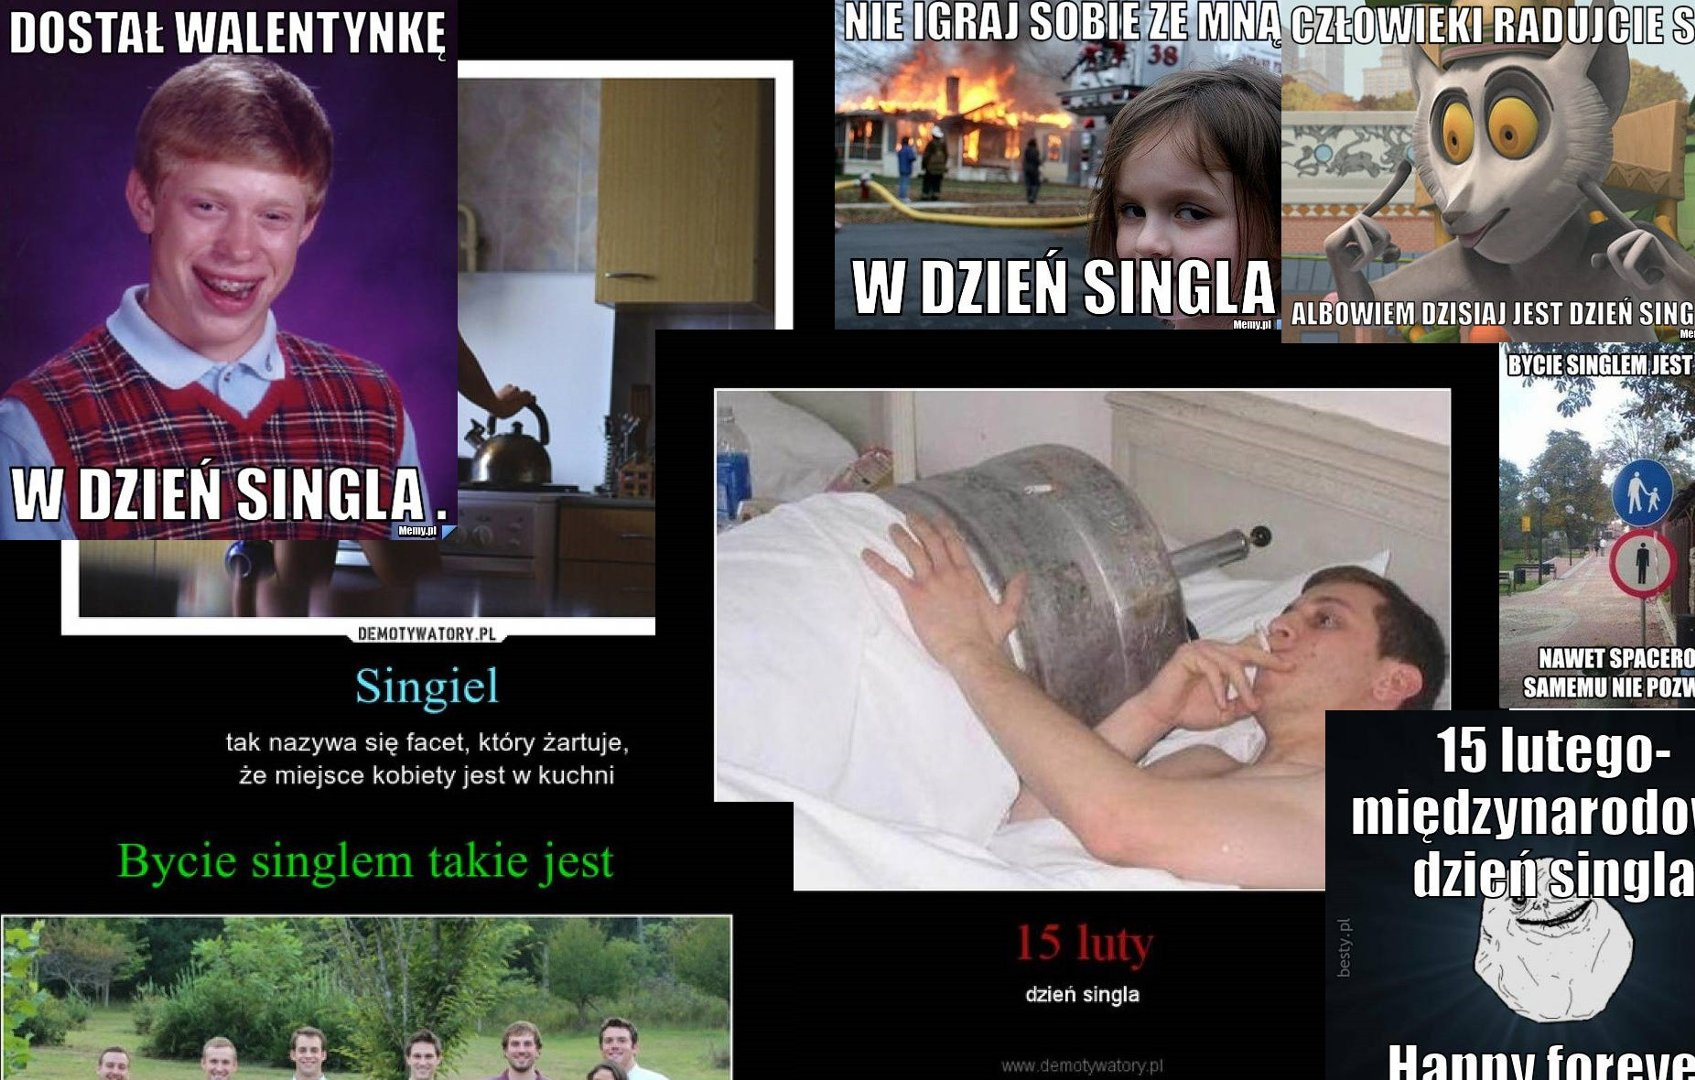 Memy Na Dzień Singla 2019 Zobacz Najlepsze Memy śmieszne Obrazki I